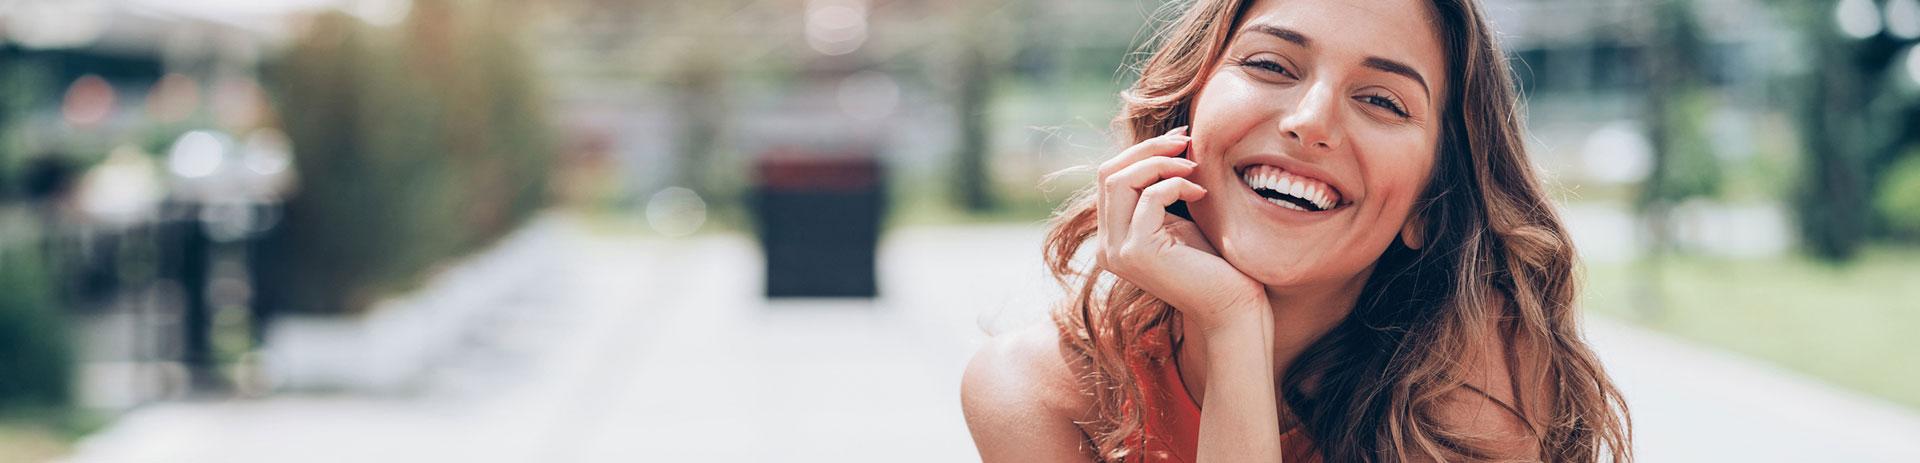 Junge Dame lächelt in Kamera